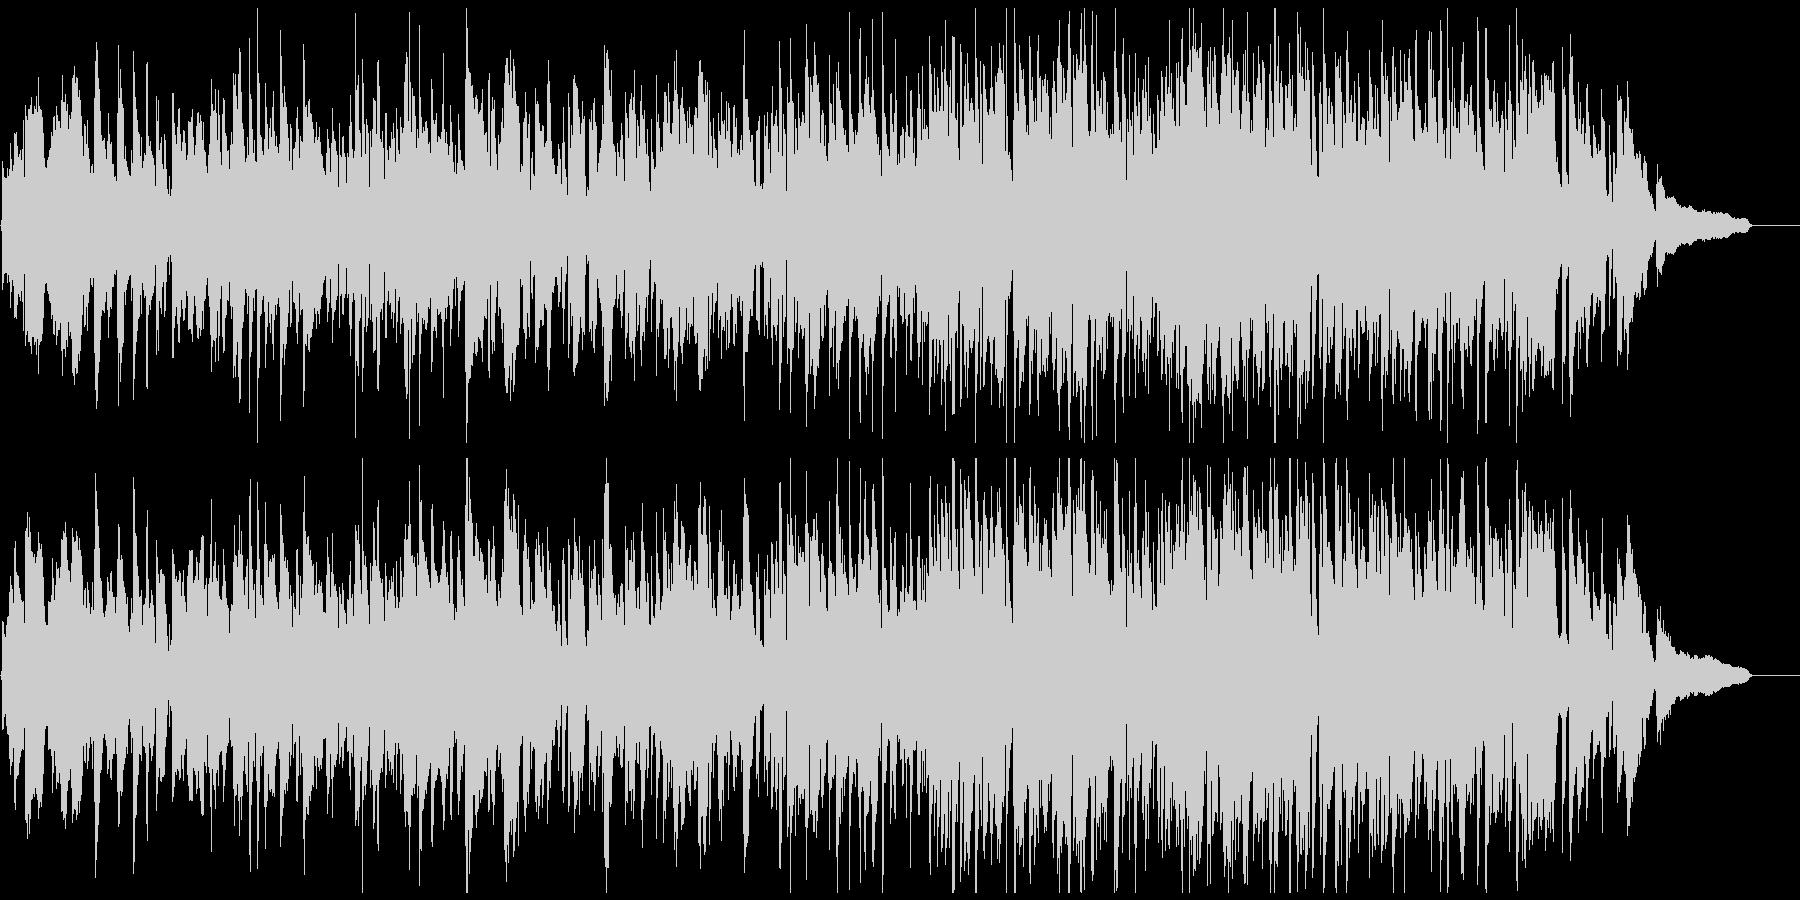 幸せな雰囲気の静かで素敵なジャズ・ワルツの未再生の波形